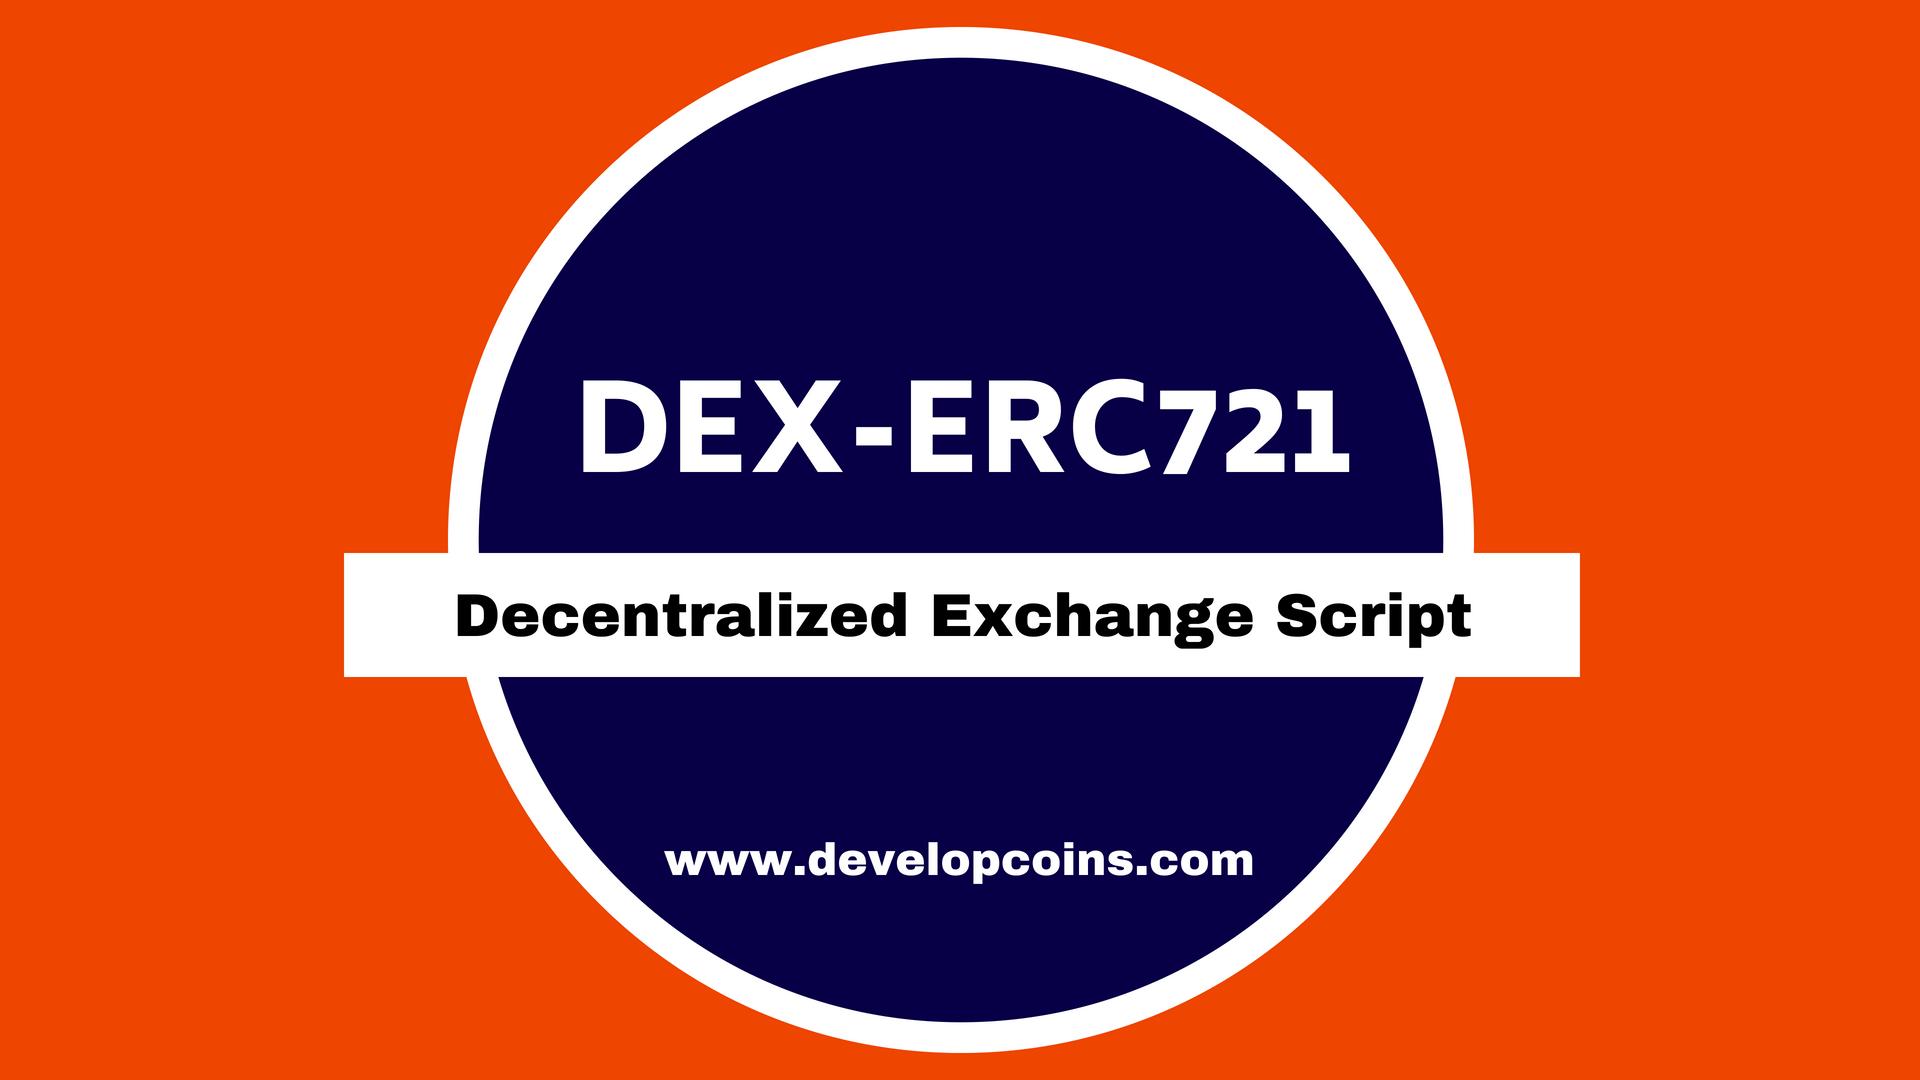 Decentralized Exchange Script